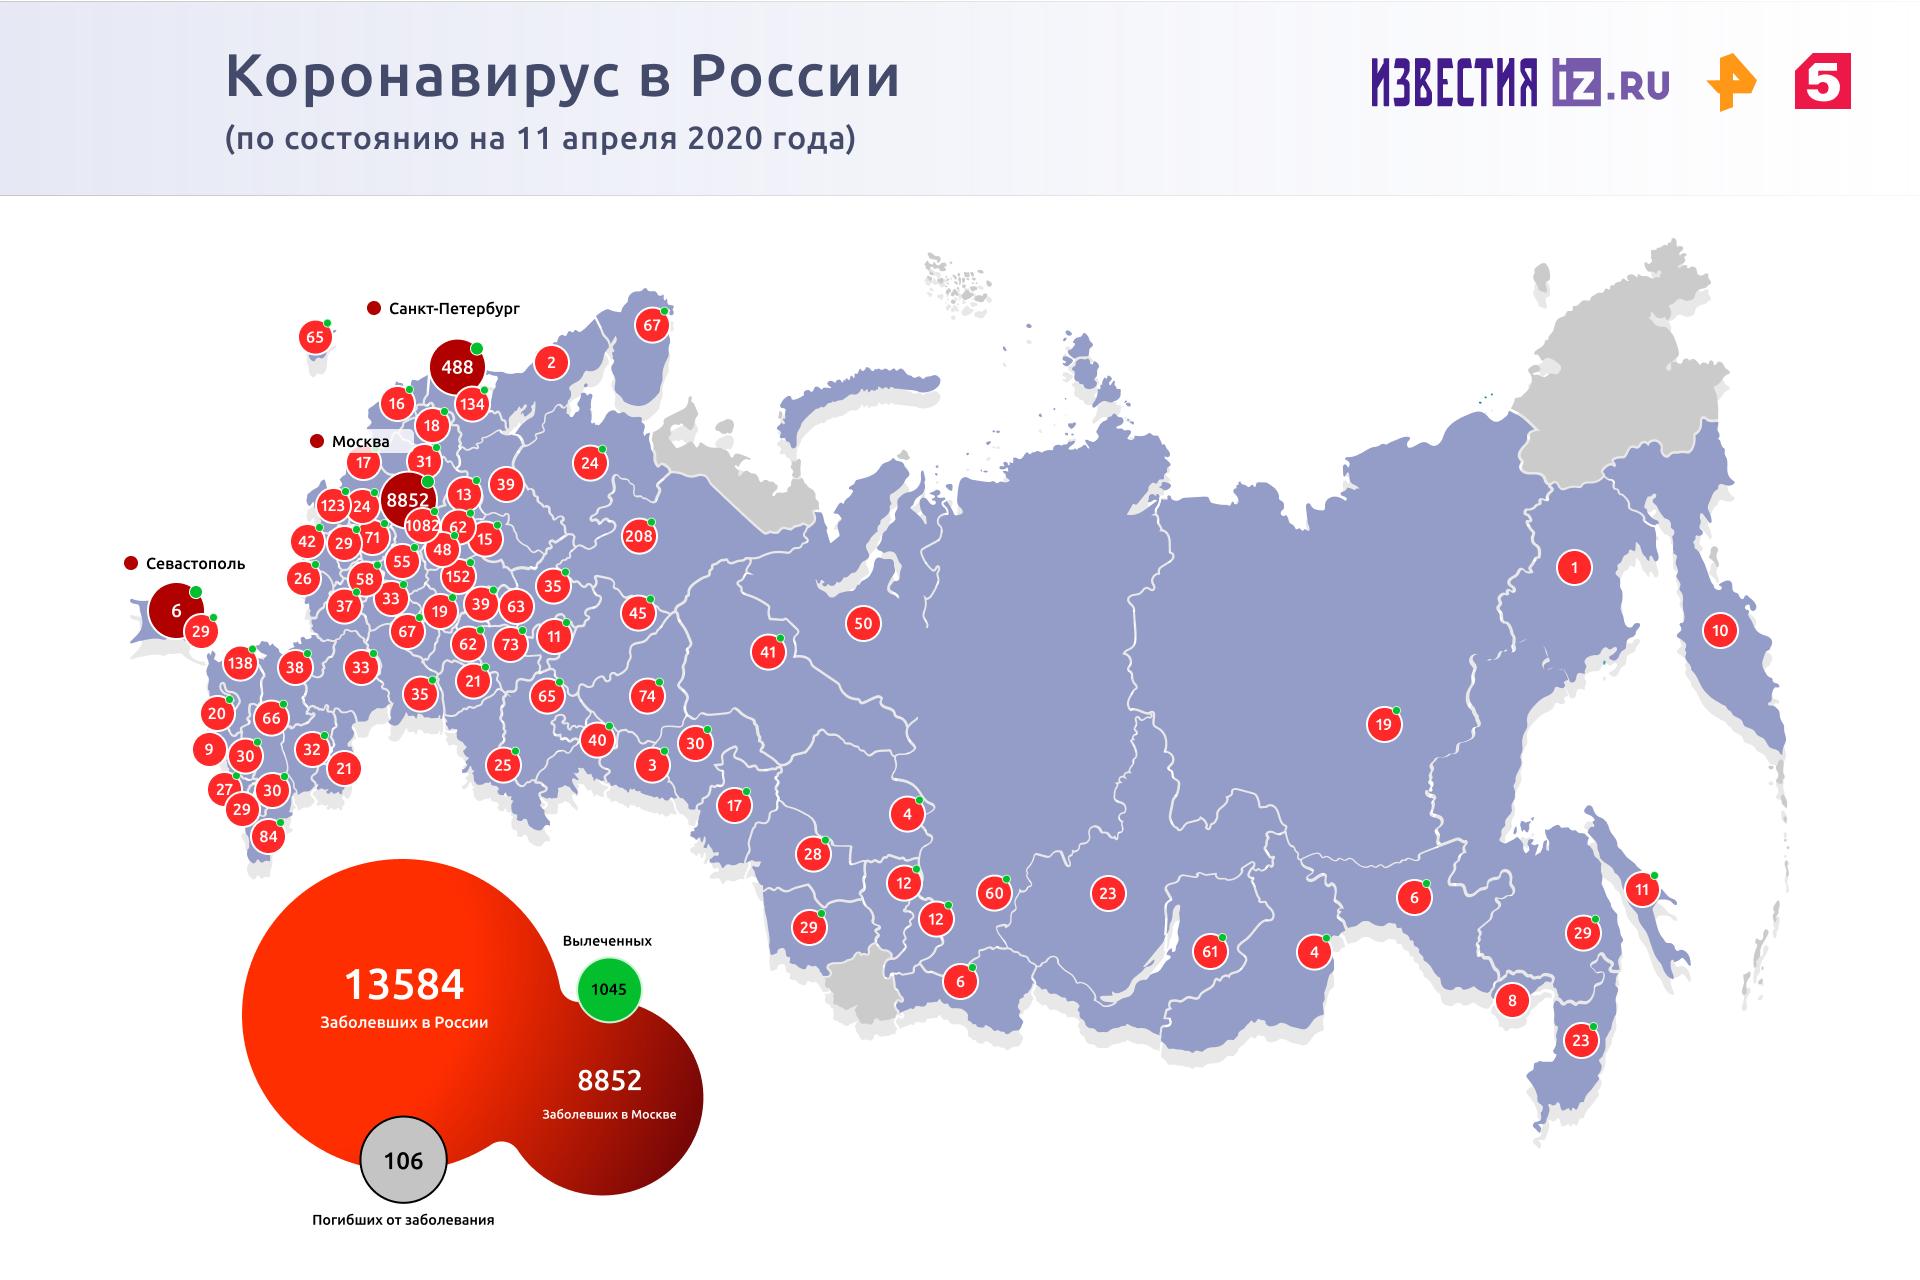 В Смоленске зафиксирована первая смерть от коронавируса